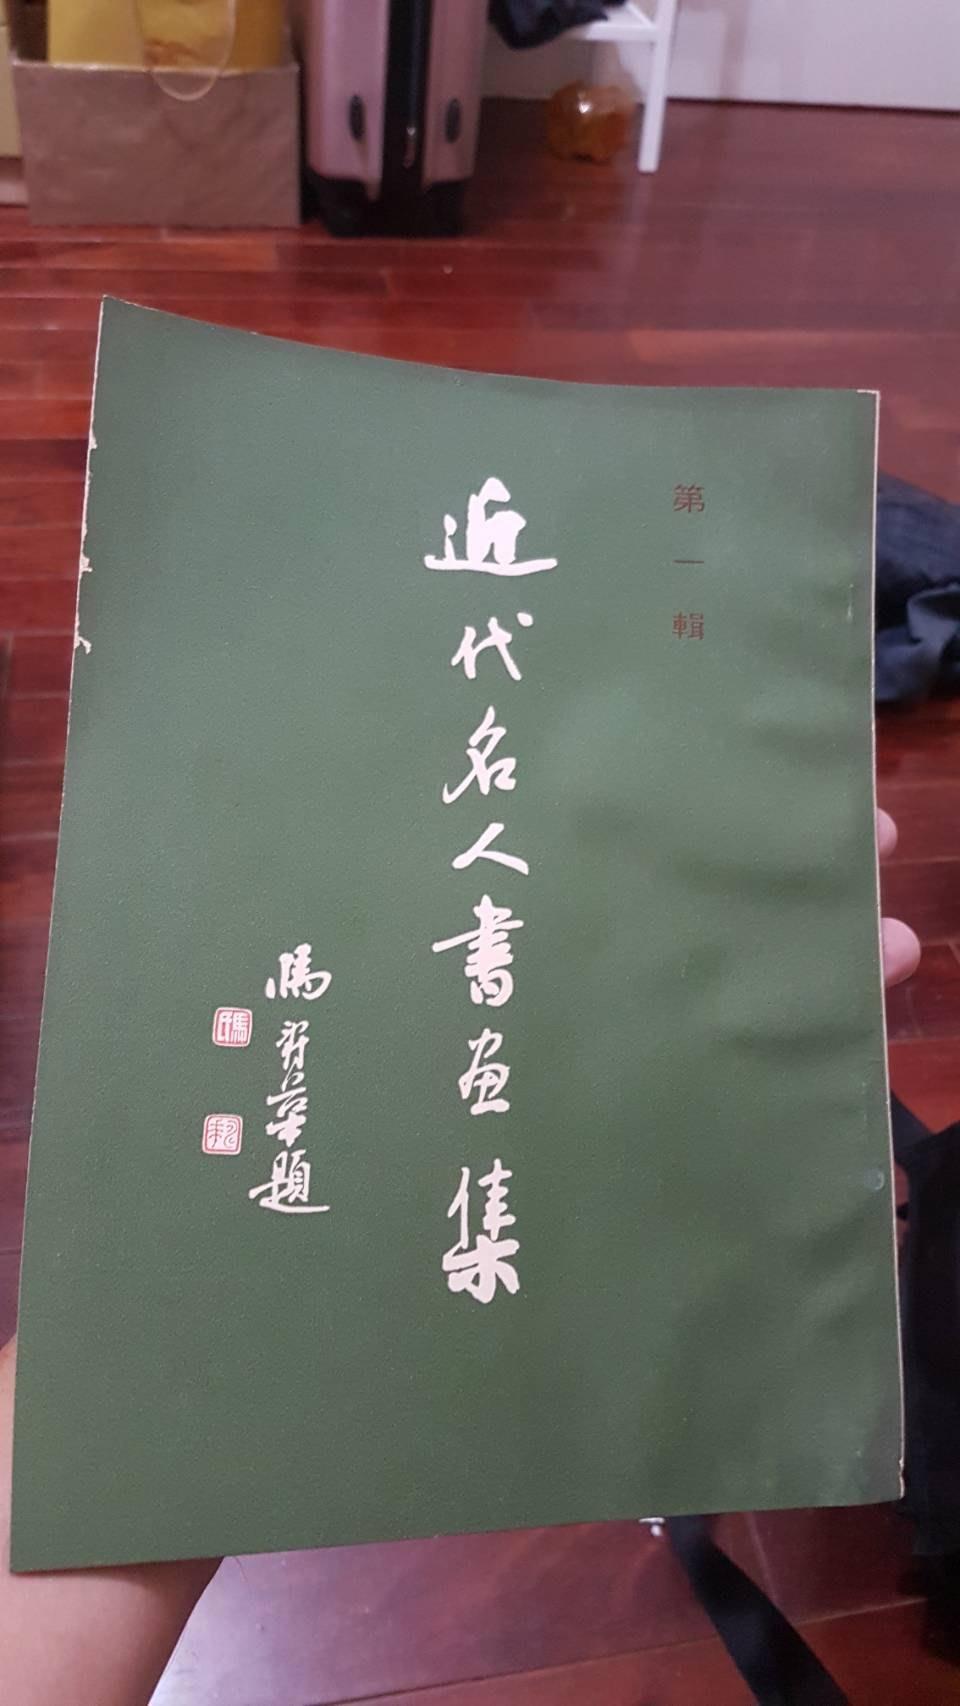 【早期收藏 】53年 近代名人書畫集 吳昌碩 齊白石 徐悲鴻 26頁